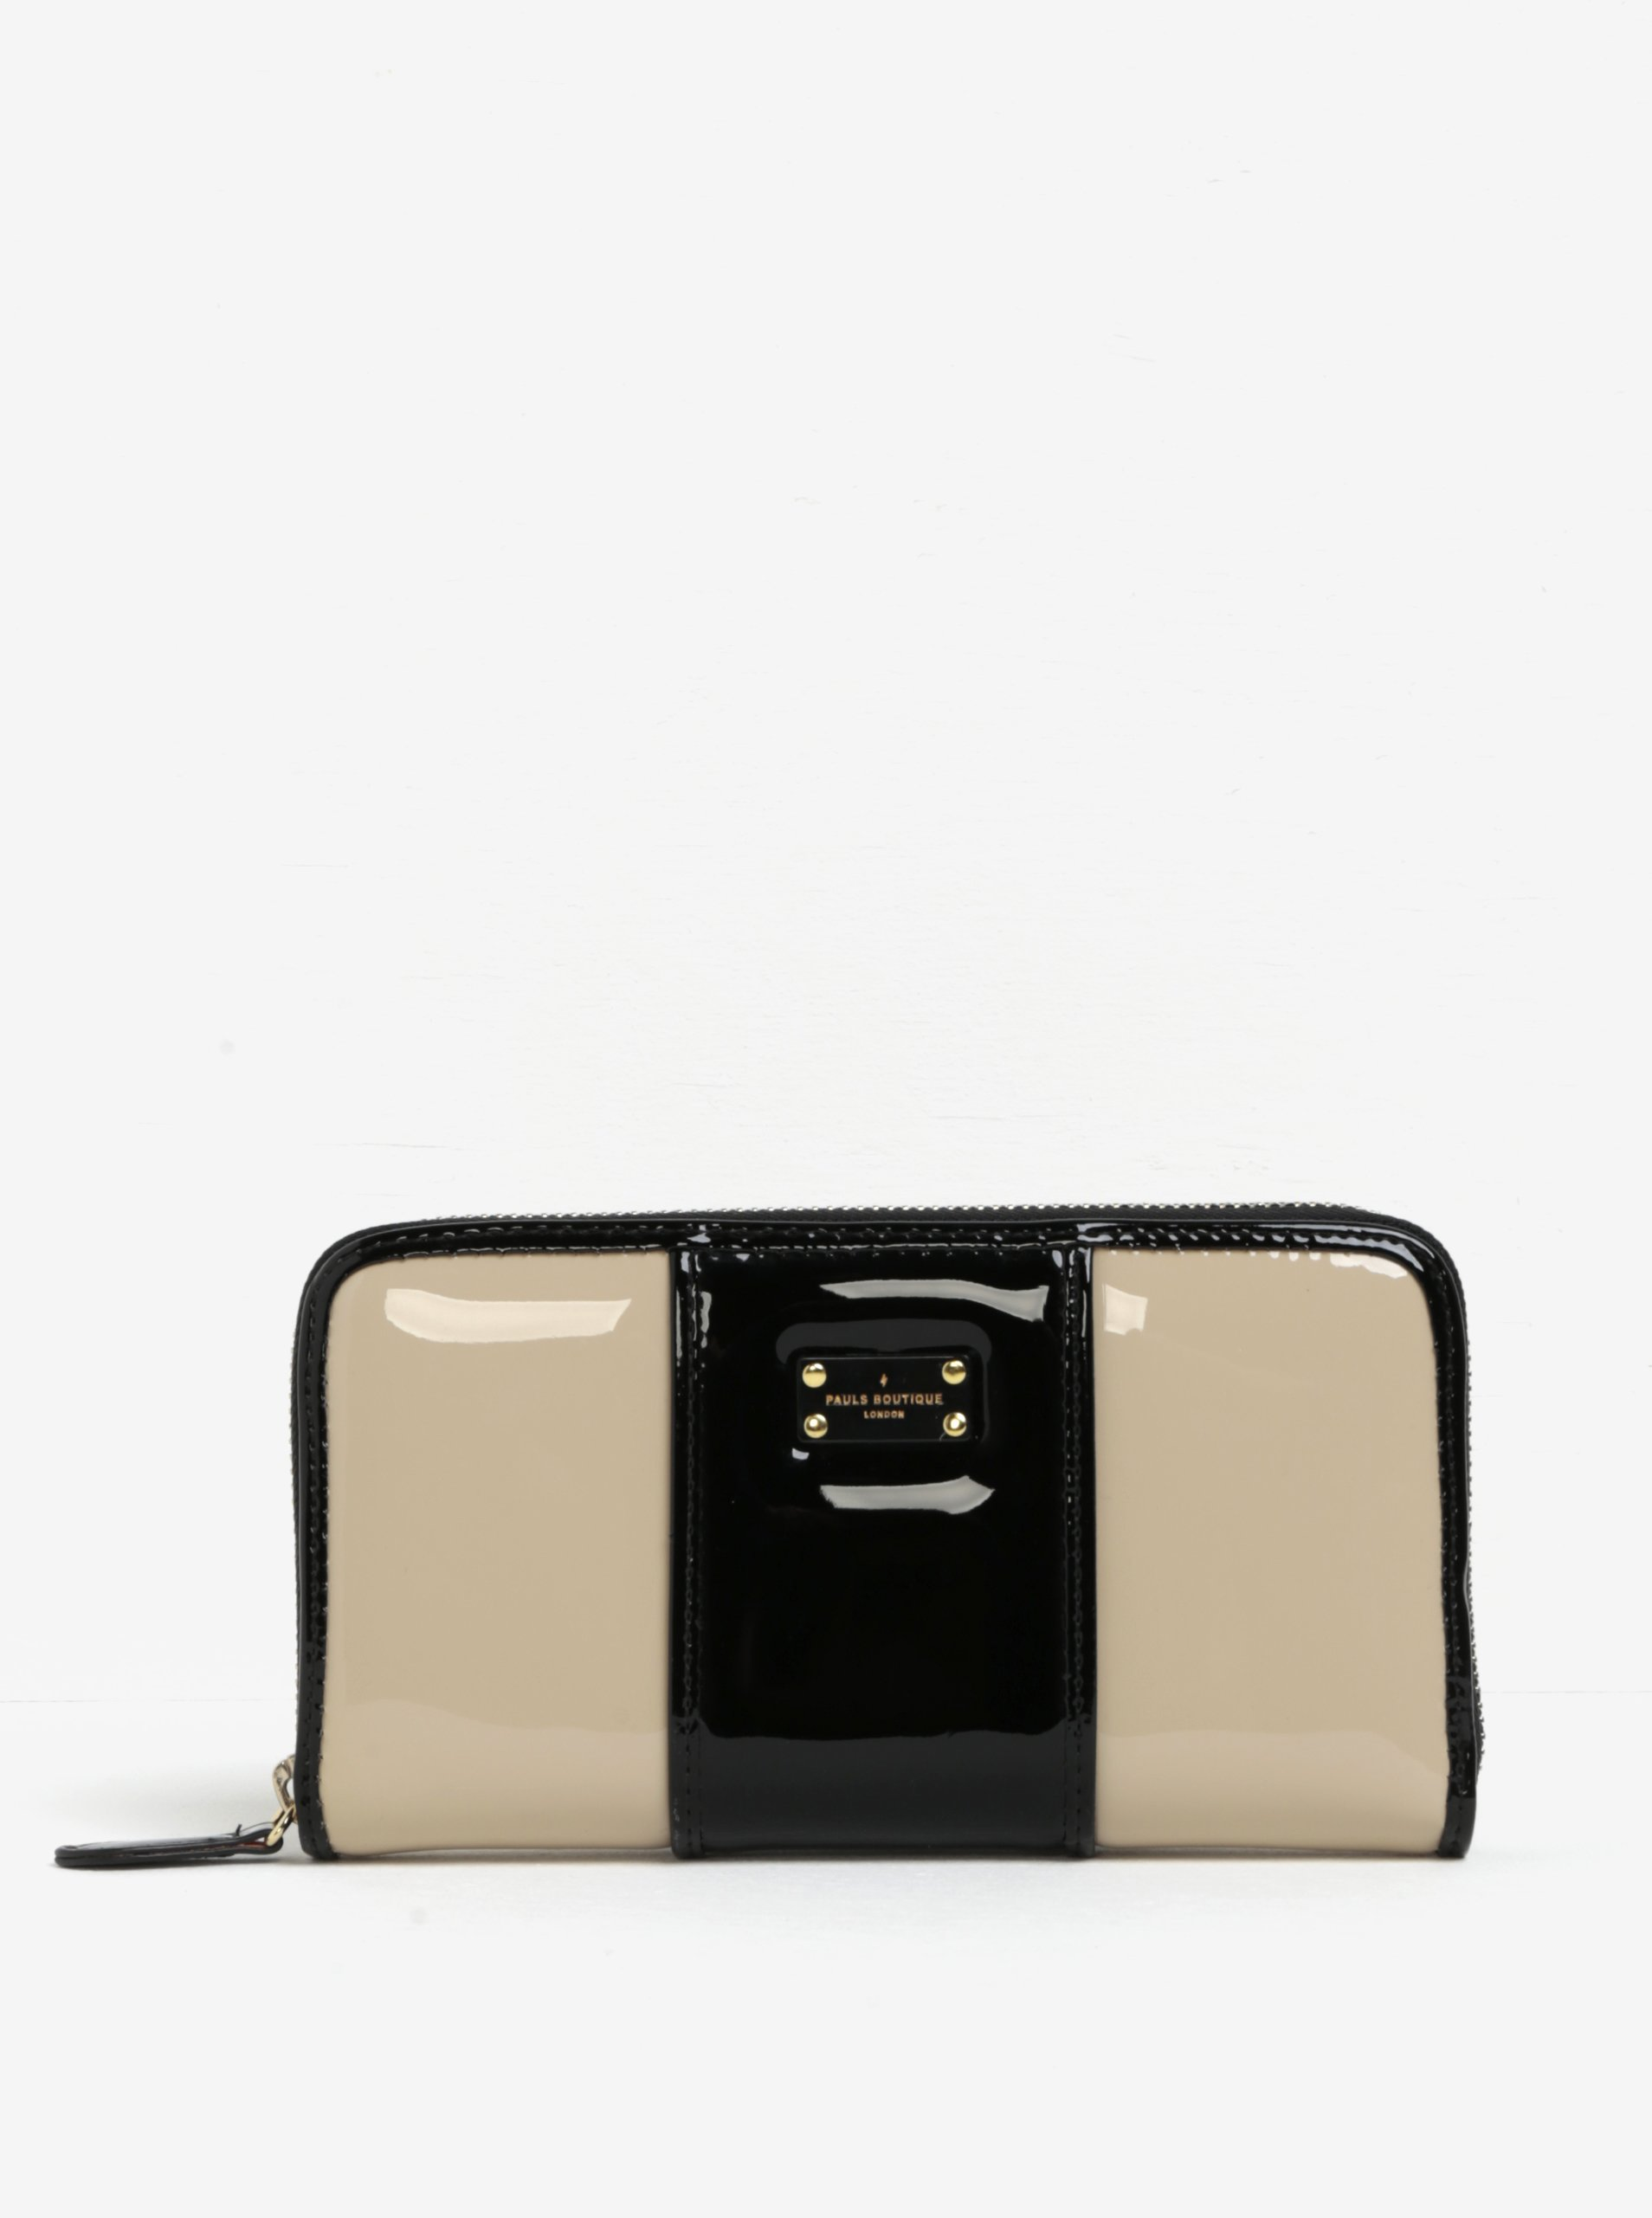 Béžovo-černá lesklá peněženka s neonovým vnitřkem Paul's Boutique Lizzie